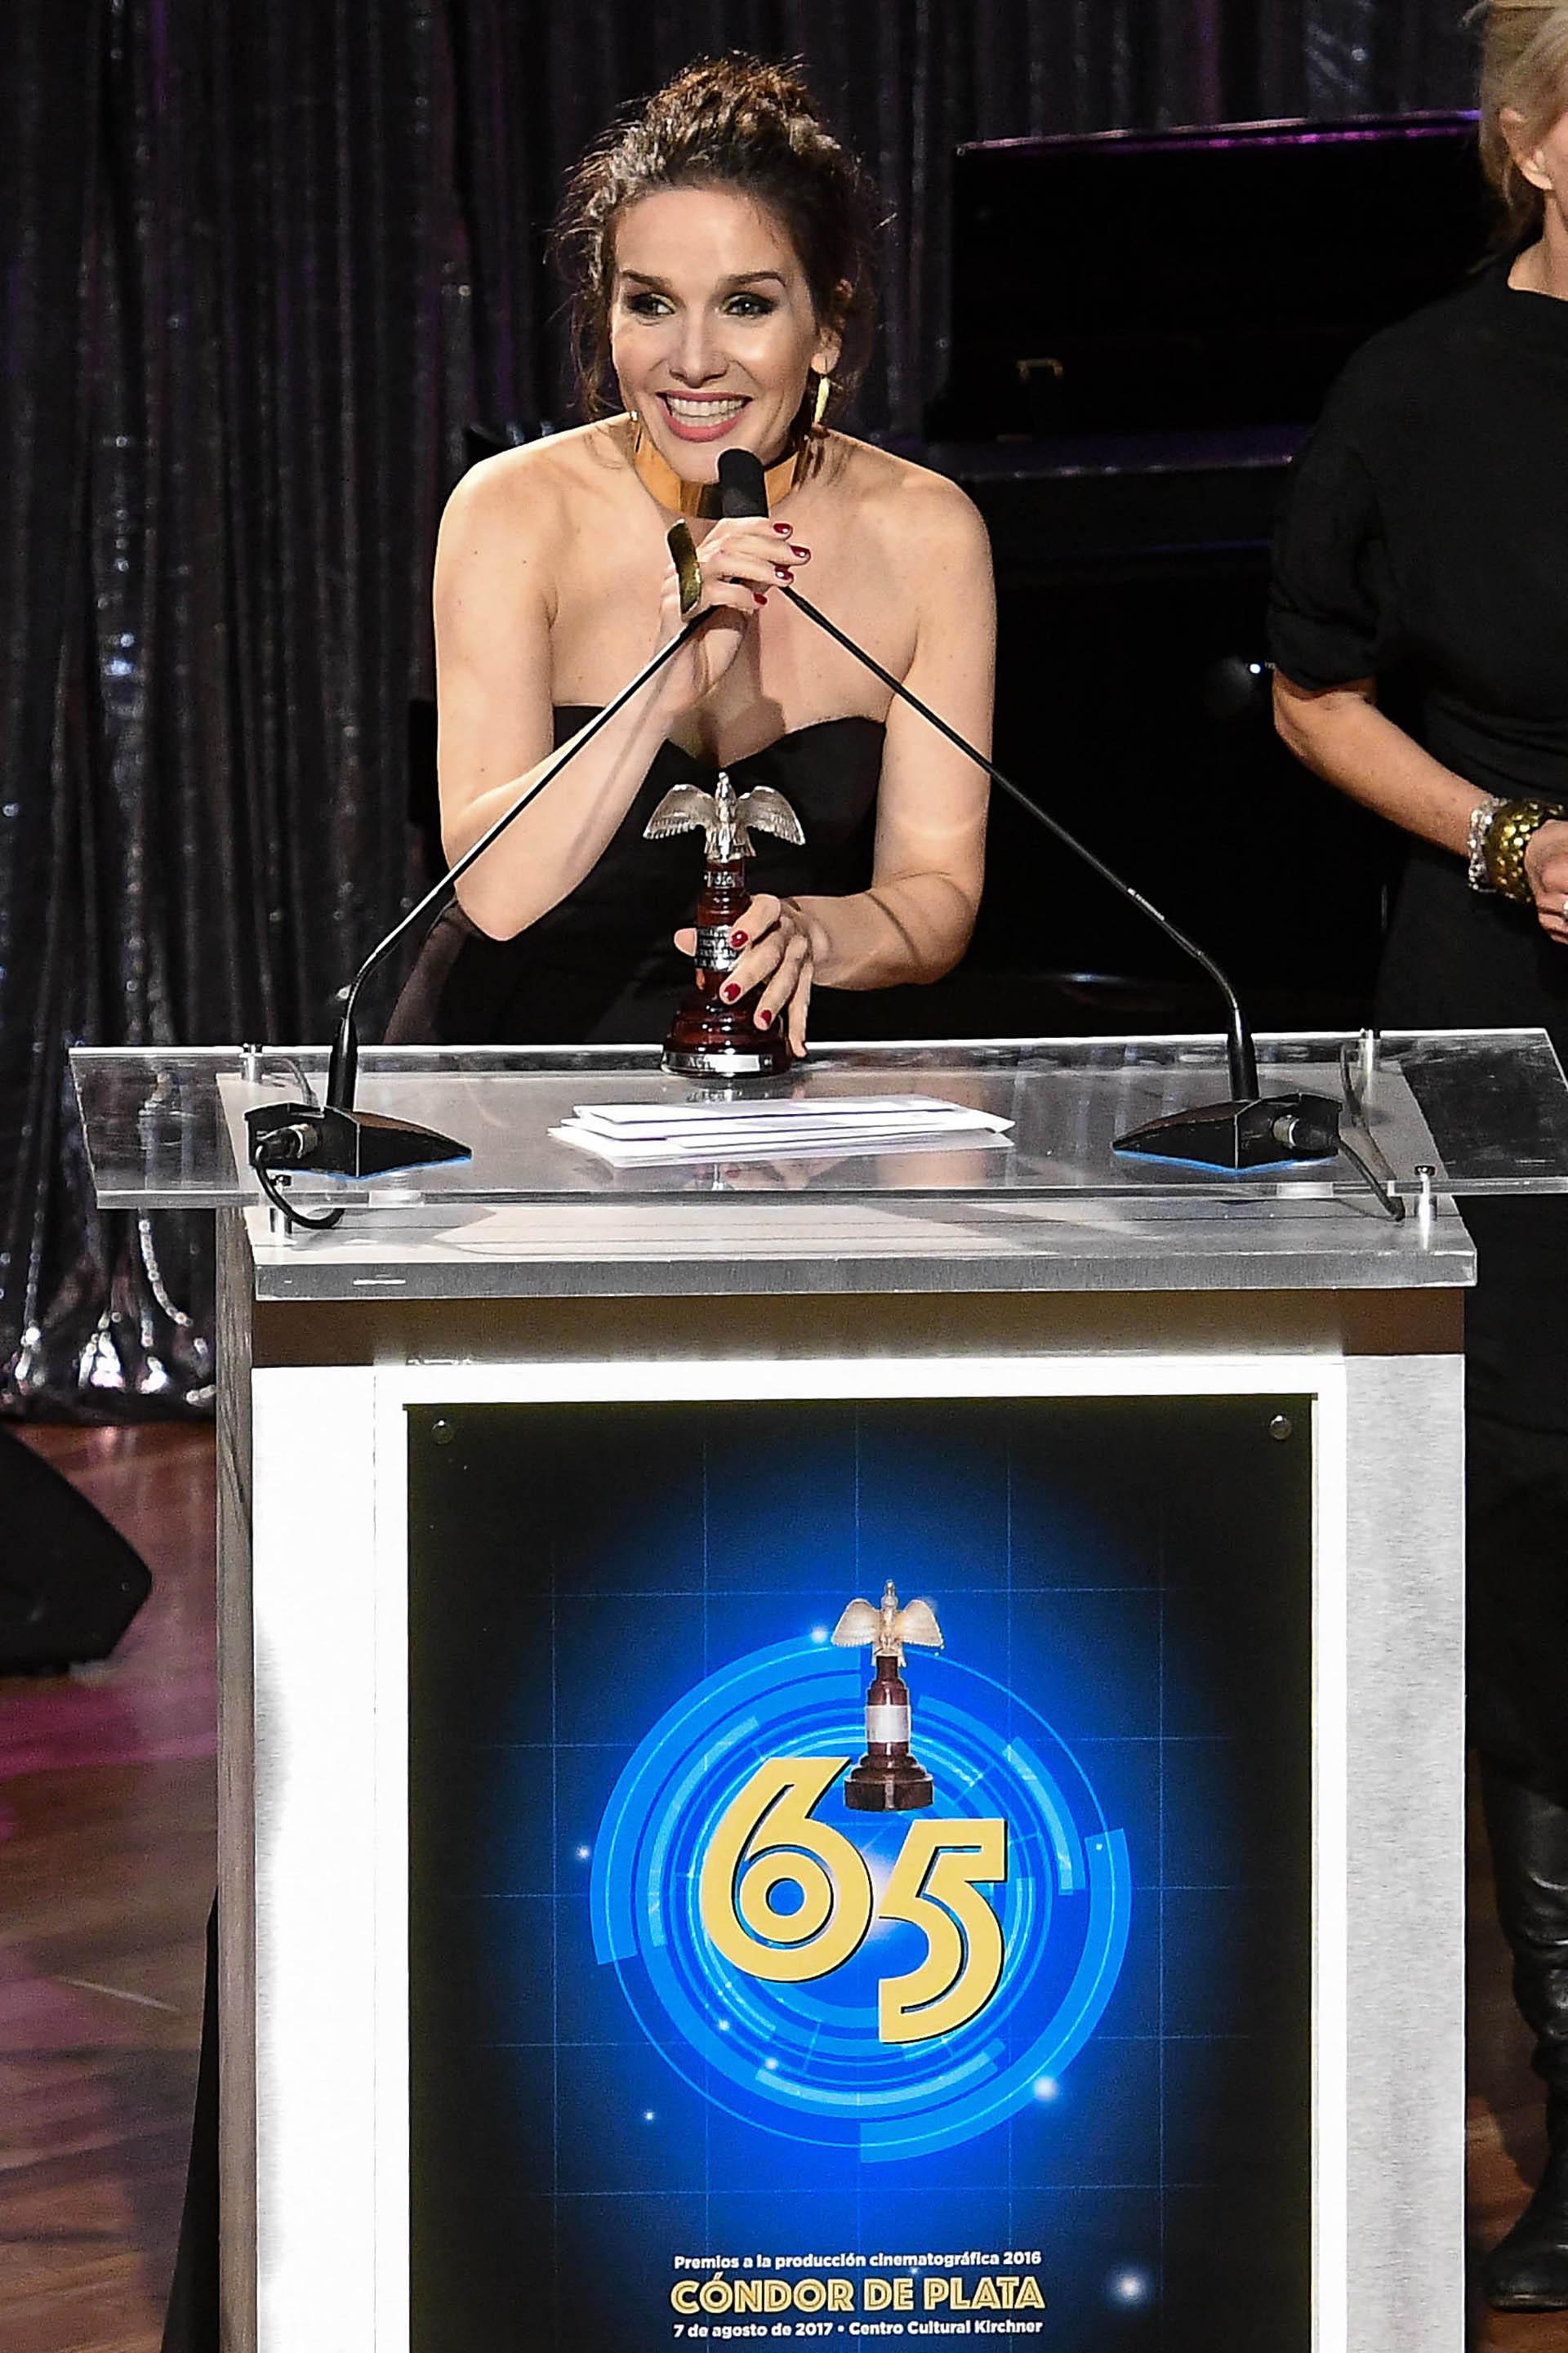 """Natalia Oreiro fue distinguida en la ceremonia de los Cóndor de Plata por su interpretación en la película """"Gilda, no me arrepiento de este amor"""". Compartió el premio con Érica Rivas, protagonista de """"La luz incidente"""" (Télam)"""